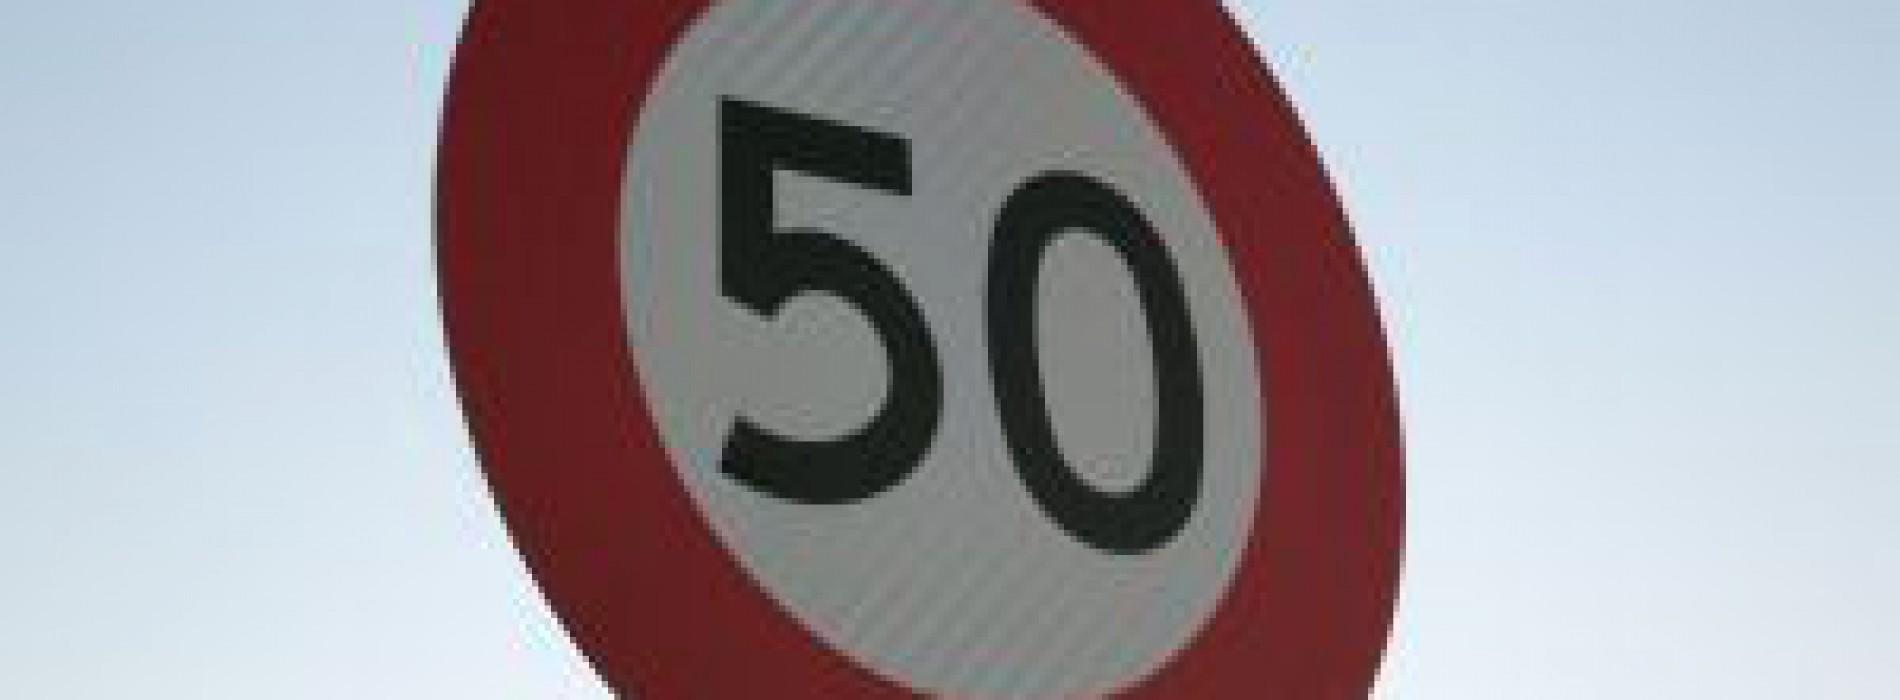 Zmiana dopuszczalnej prędkości na Sielskiej i Armii Krajowej